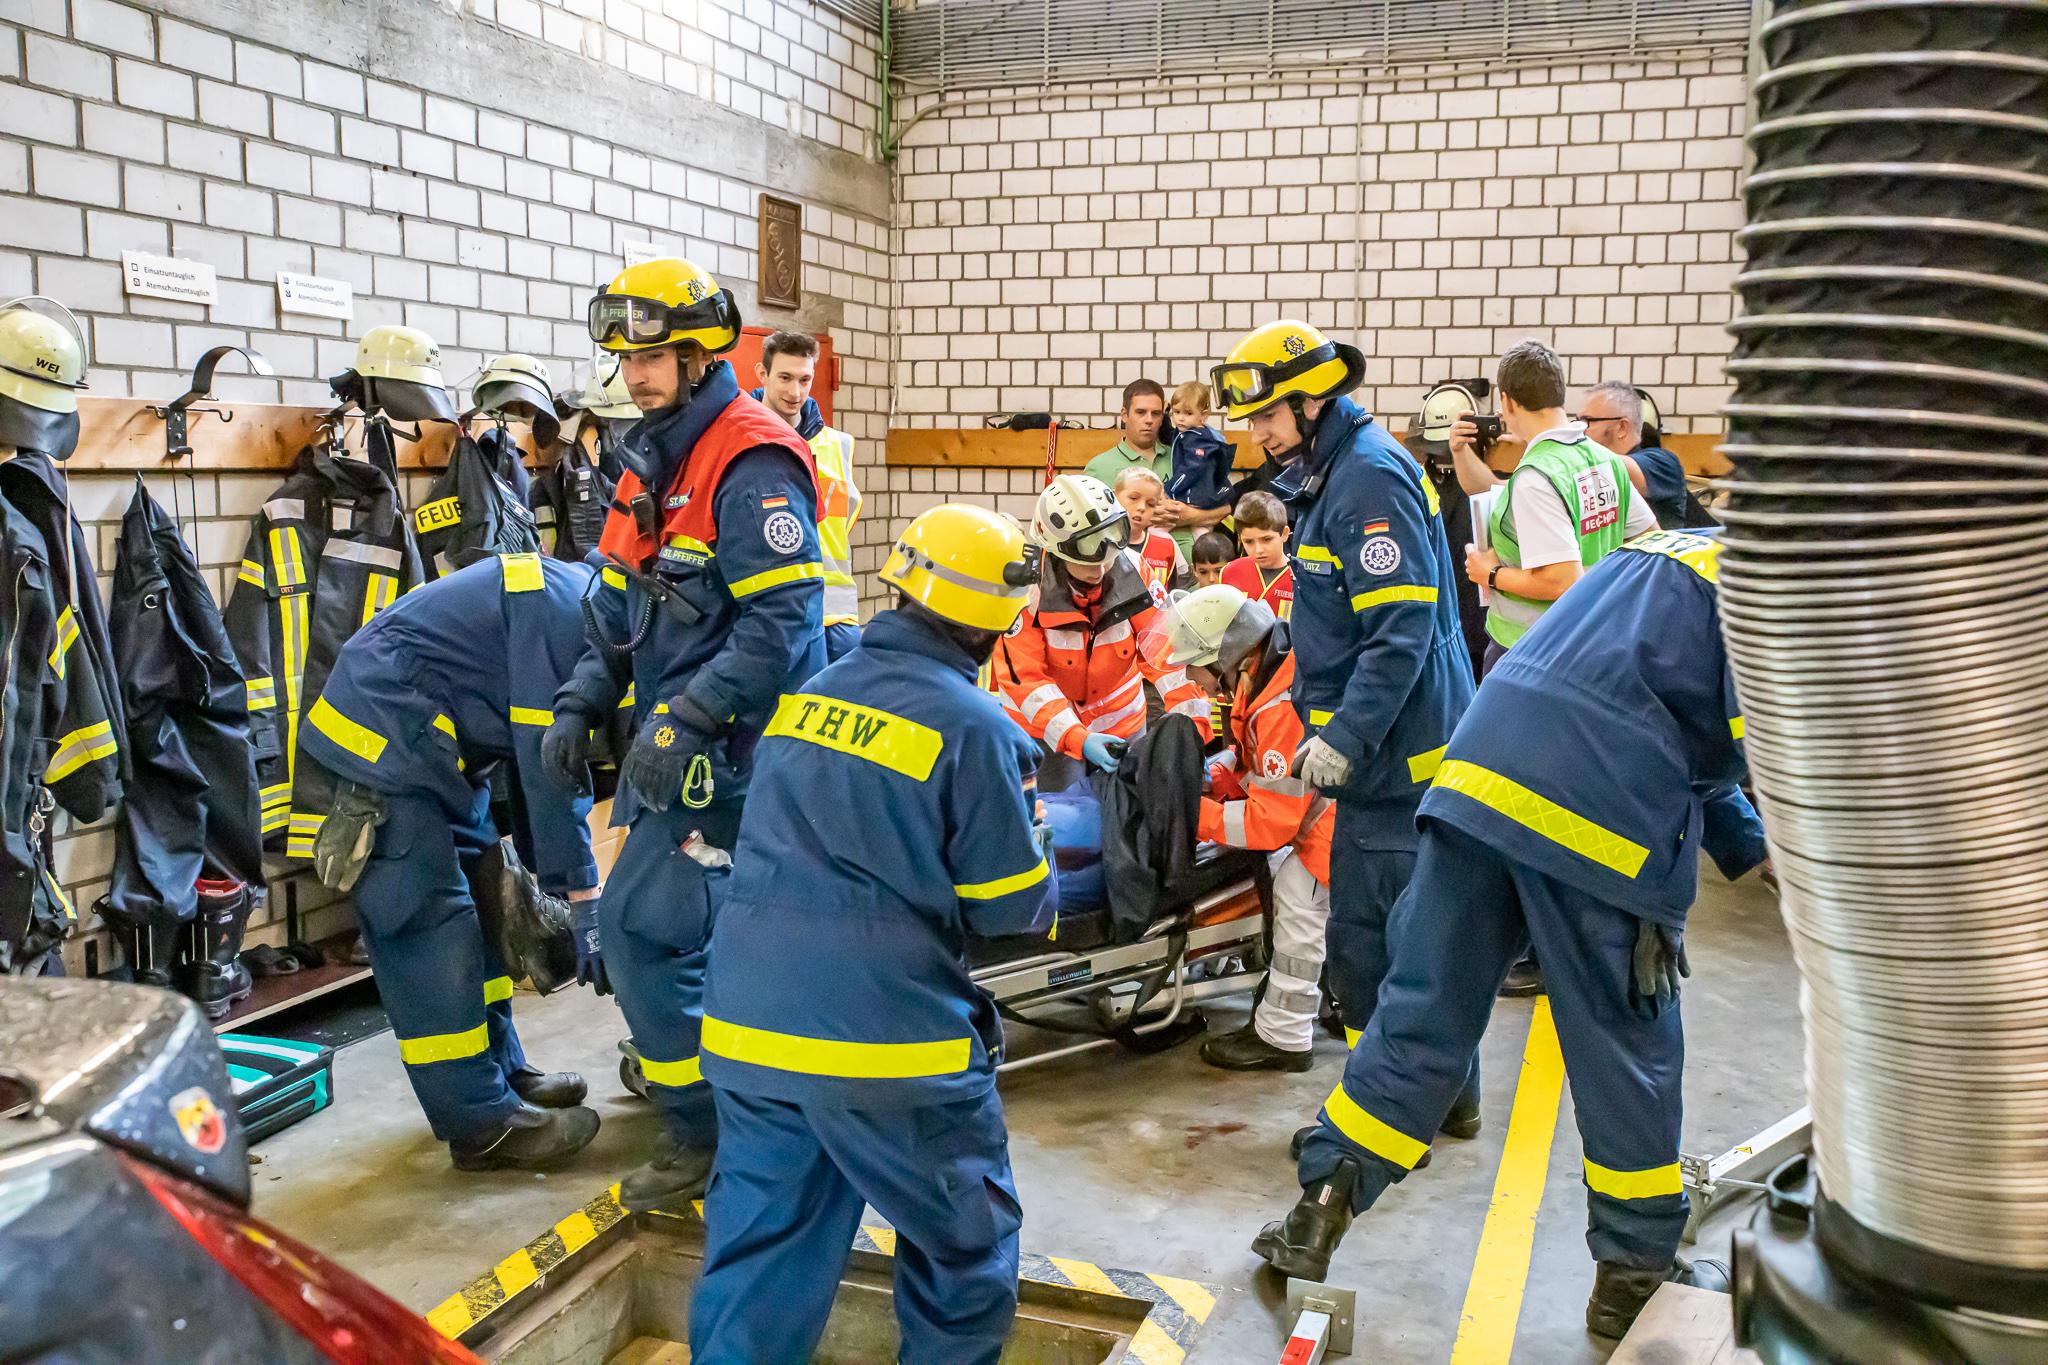 FeuerwehrSim 2019 Werkstatt-12